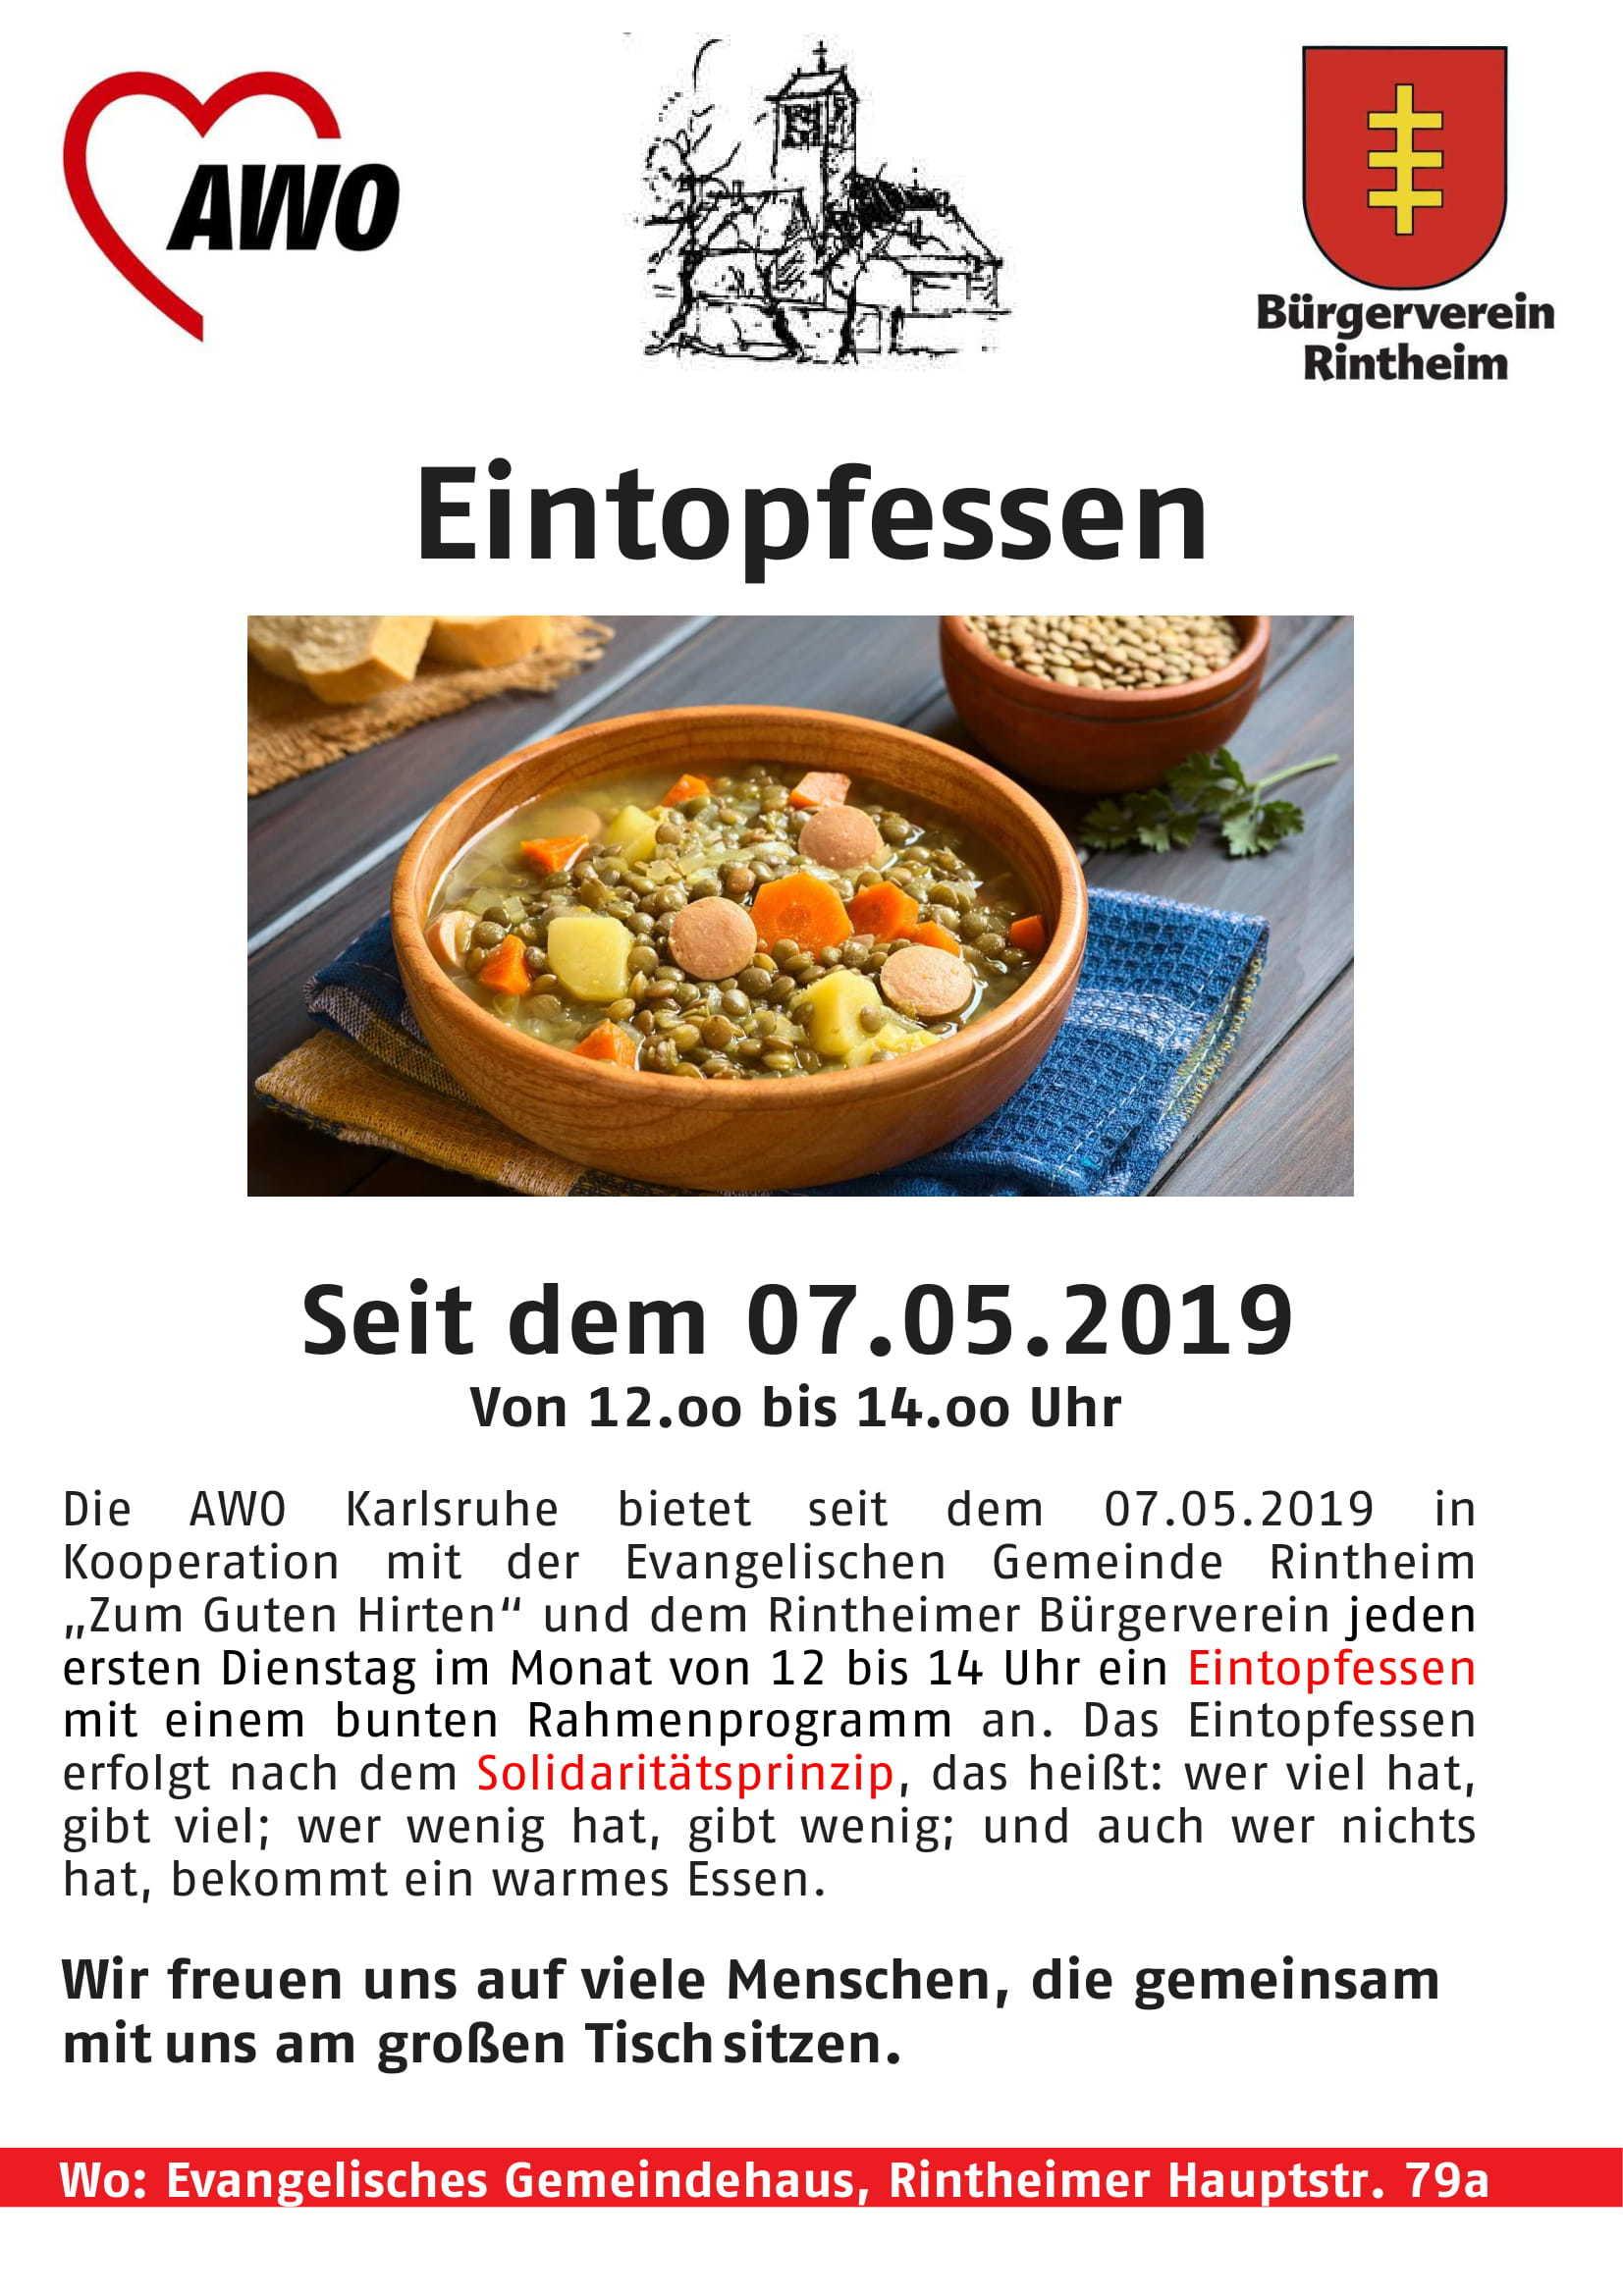 Plakat mit Werbung für das Eintopfessen in Rintheim.